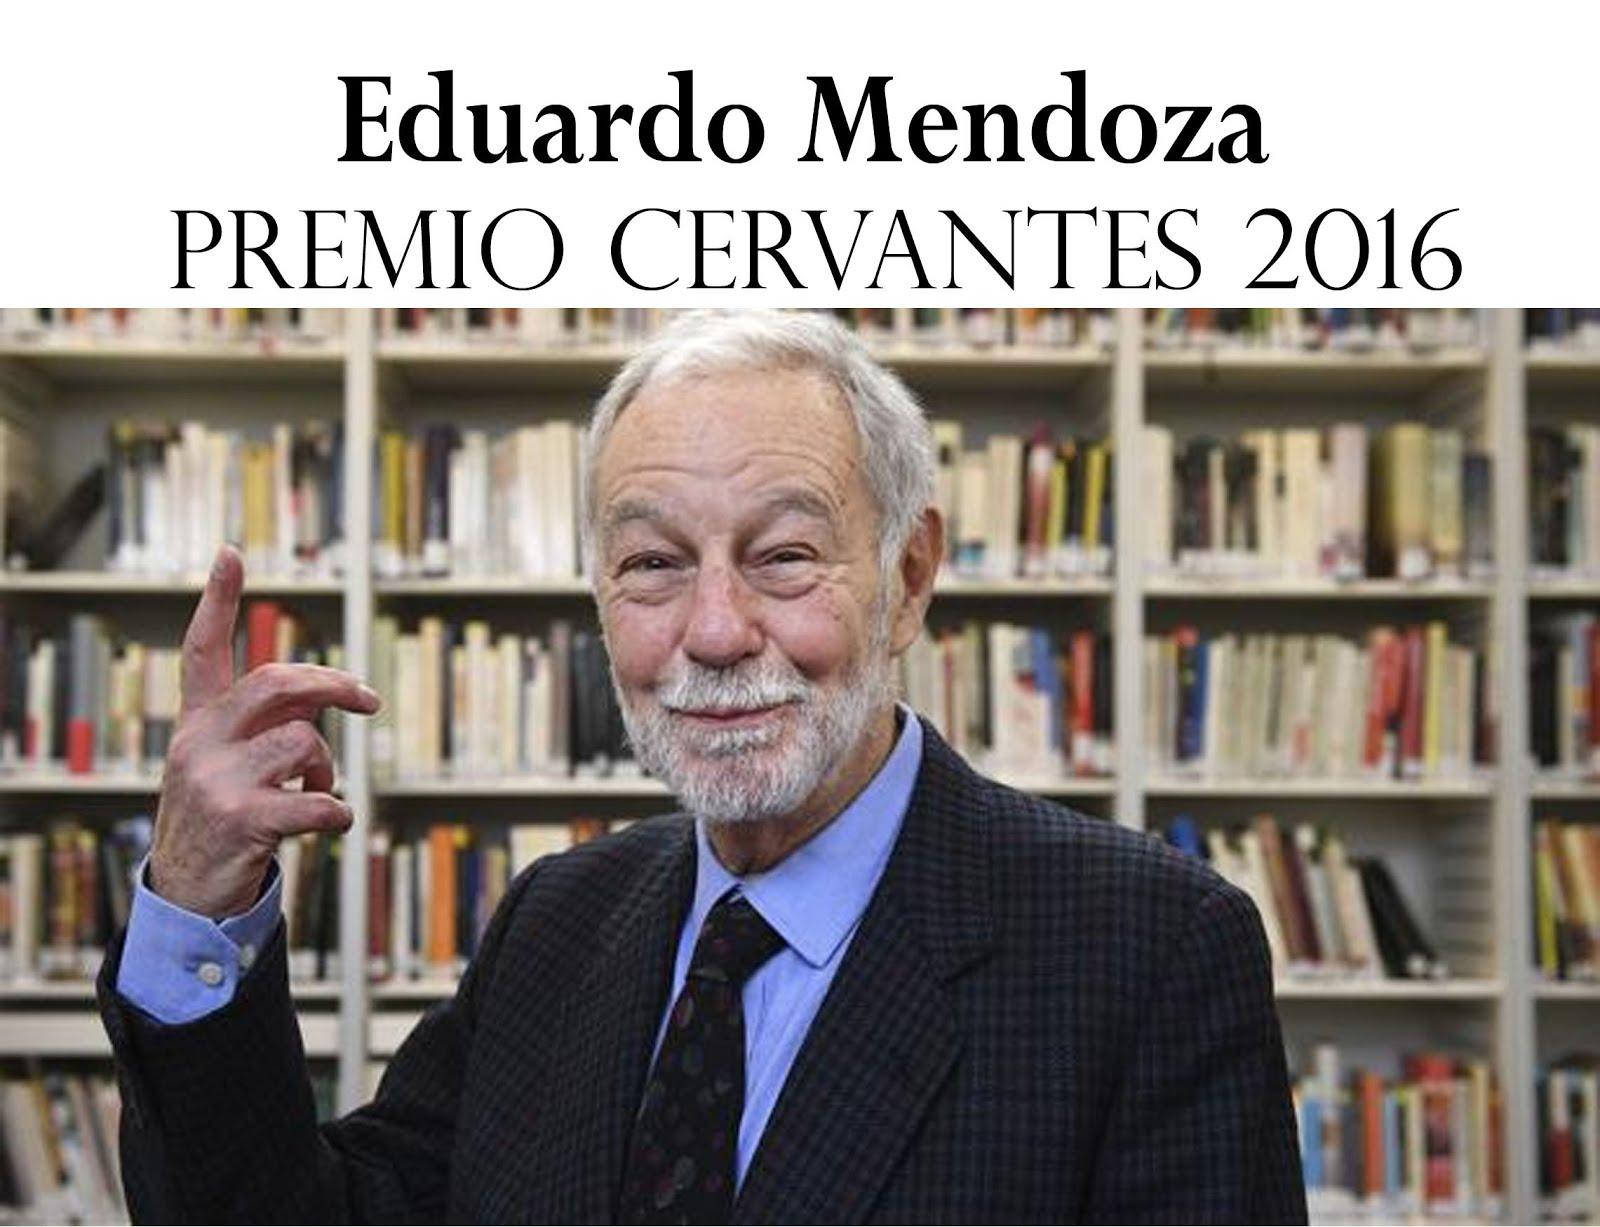 PREMIO CERVANTES 2016